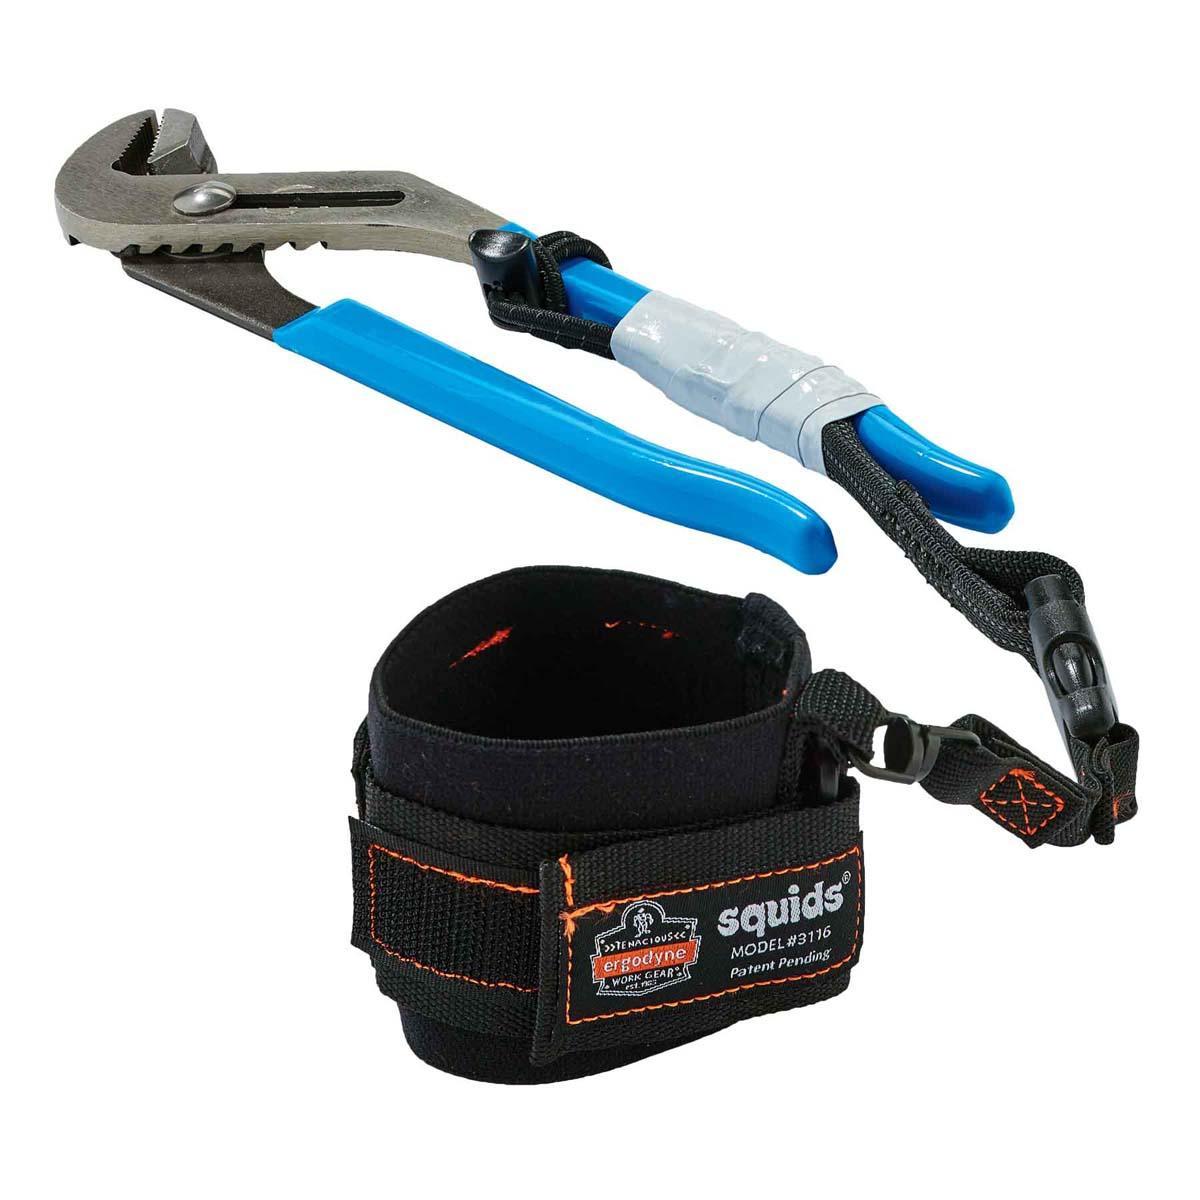 3192 Kit  Wrist Lanyard Tethering Kit - 3lb (1.4kg)